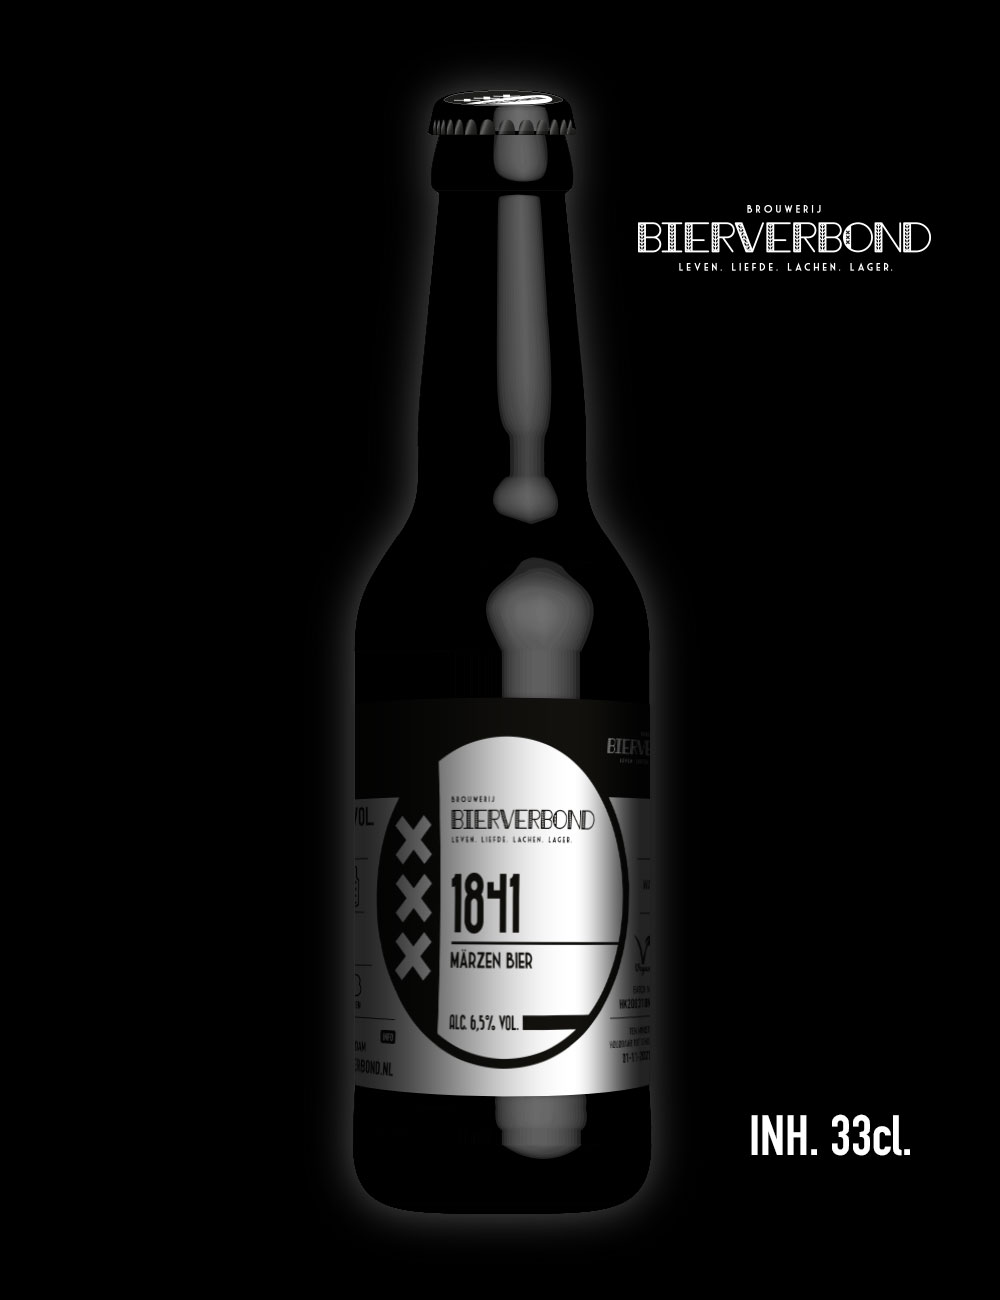 1841 van Brouwerij Bierverbond